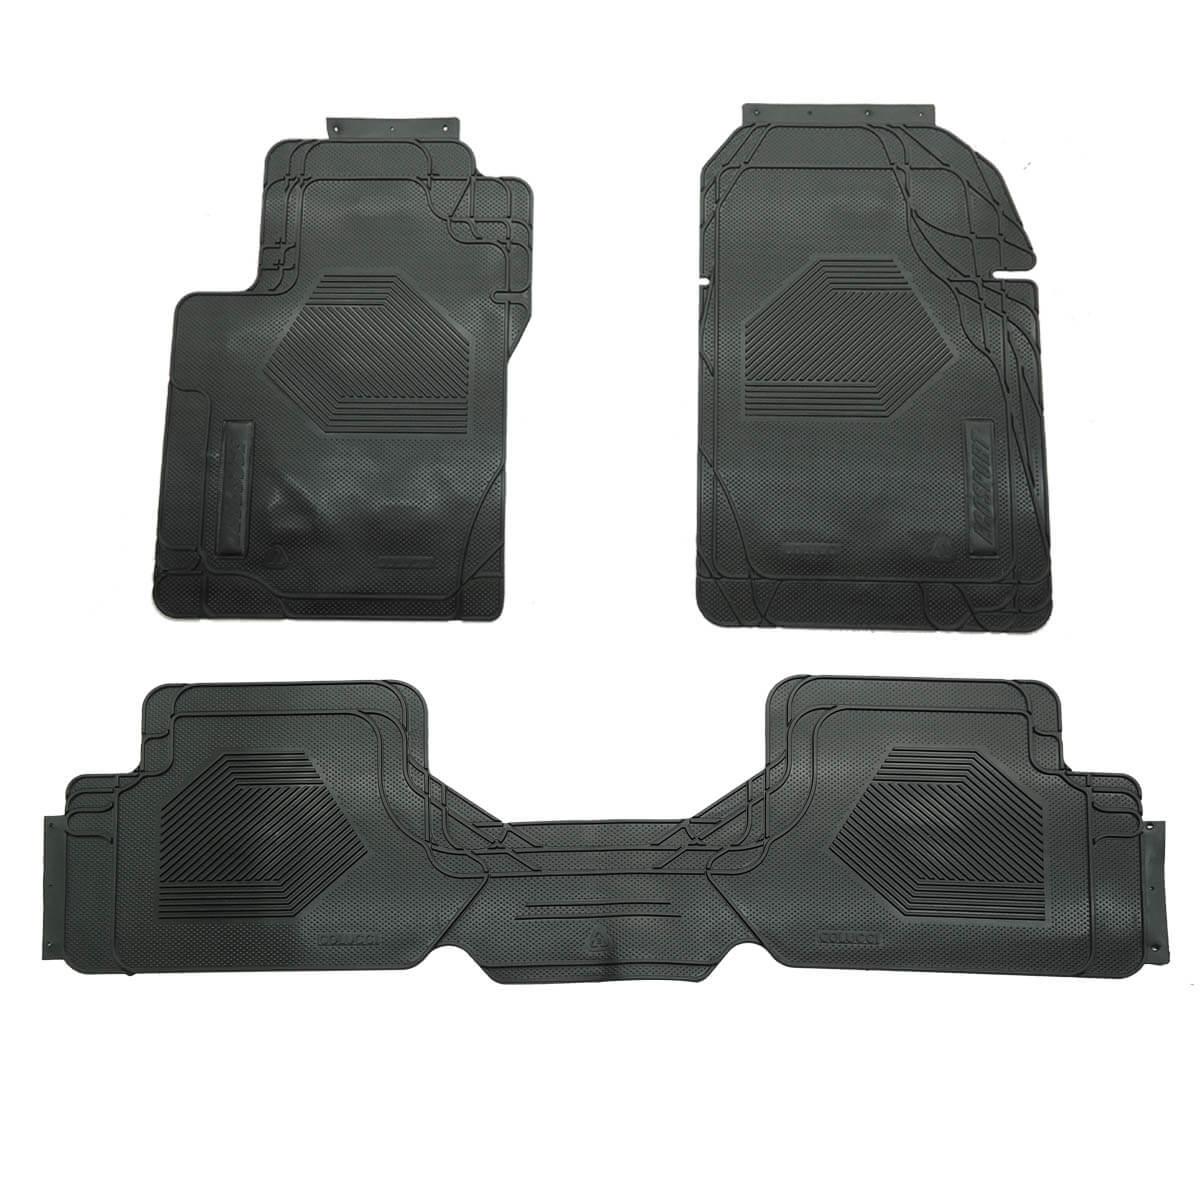 Tapete personalizado PVC flexível Novo Ecosport 2013 a 2017